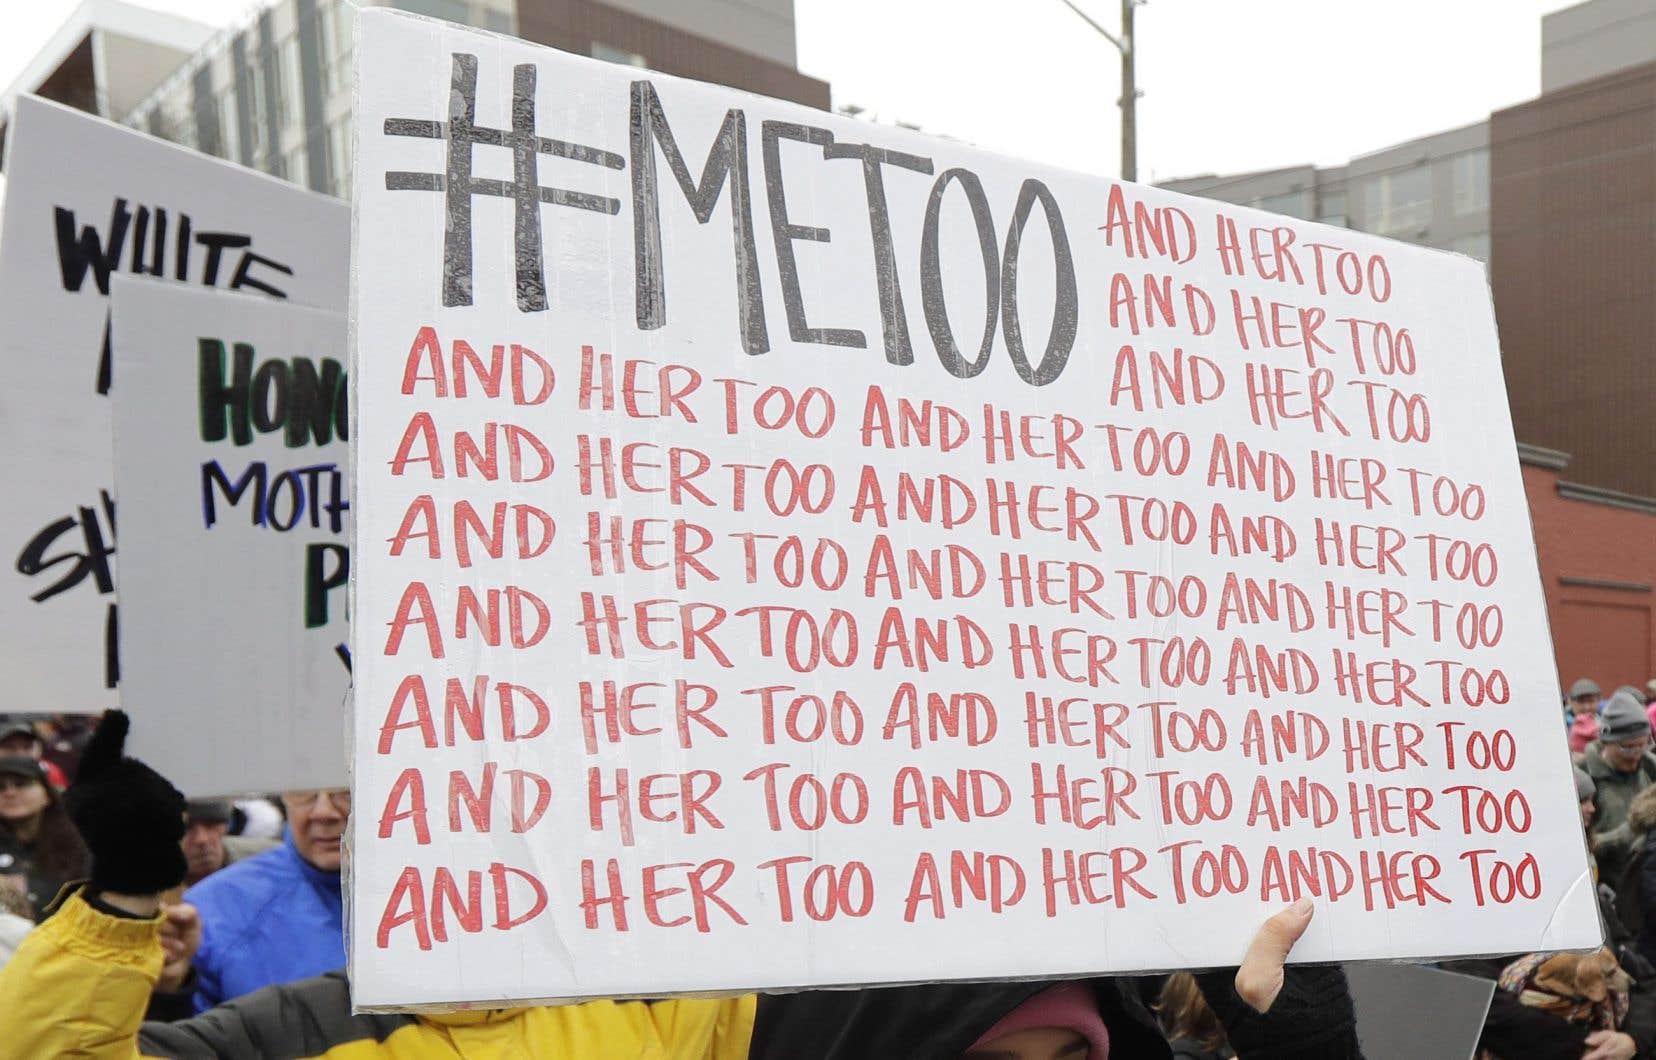 «Toutefois, à l'instar des féministes du tournant du XXesiècle, qui ont réussi à faire de la morale un enjeu important de leur combat, le mouvement #MeToo a permis en quelques années de réaliser un vrai changement dans nos mentalités», estime l'auteure.